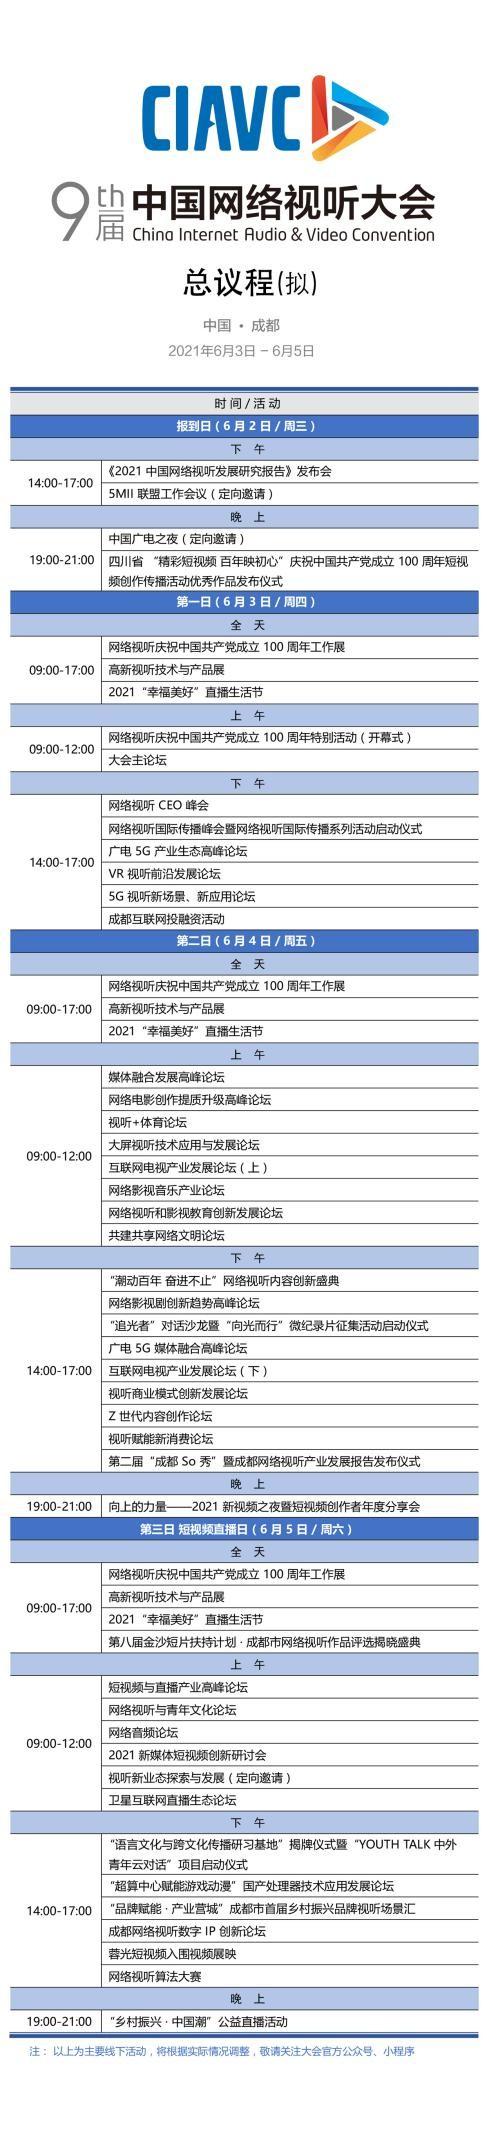 第九届中国网络视听大会将于6月3日在成都开幕